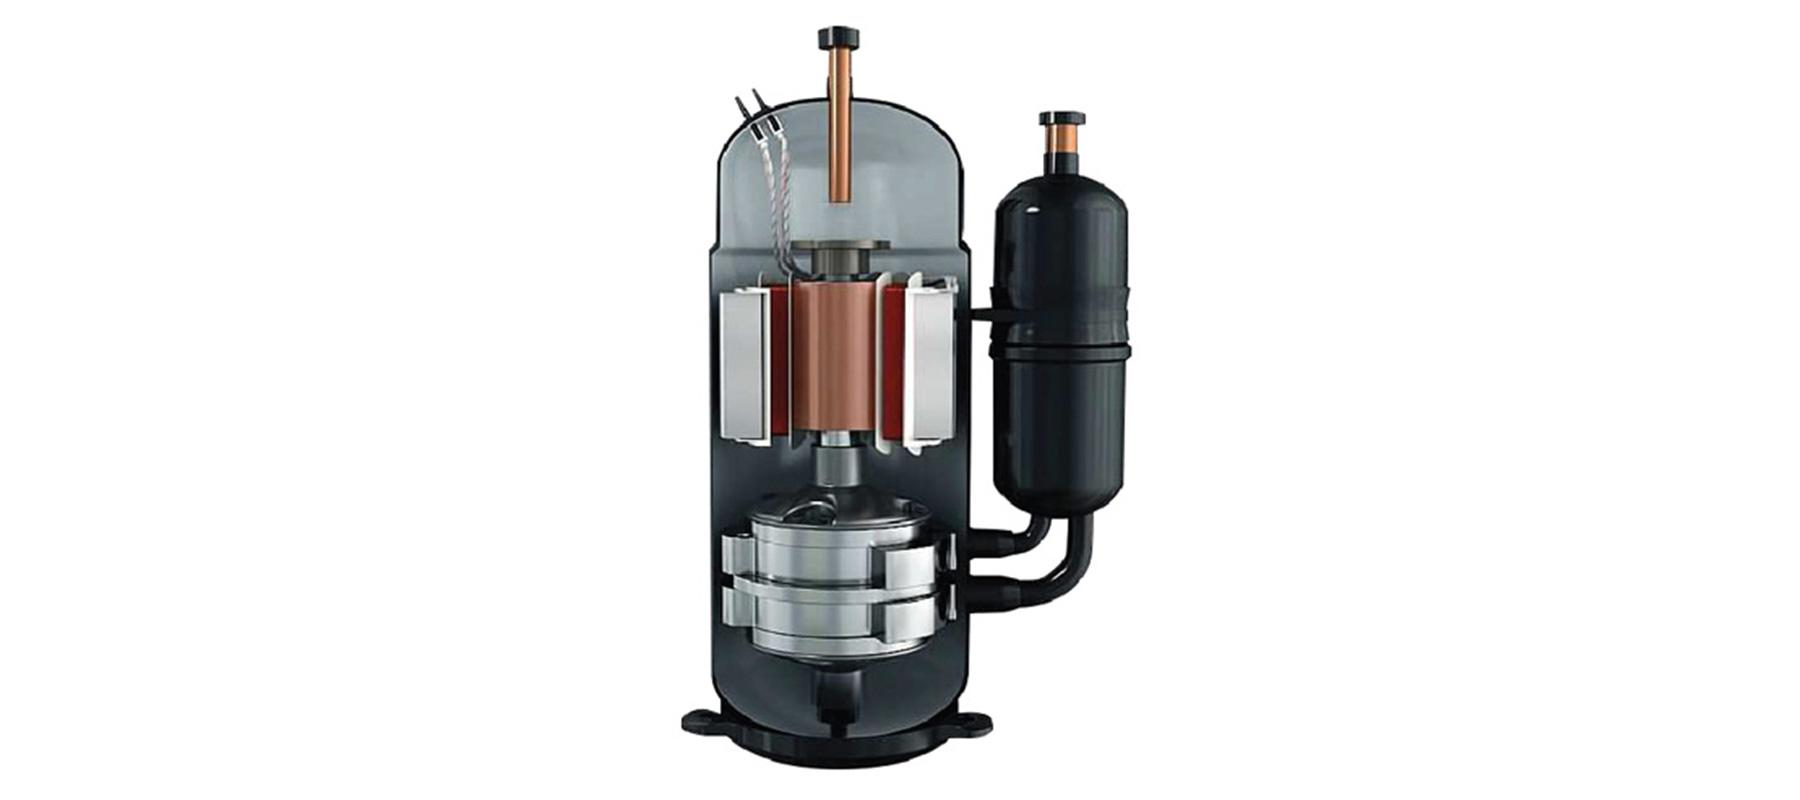 تکنولوژی اینورتر در کولر گازی